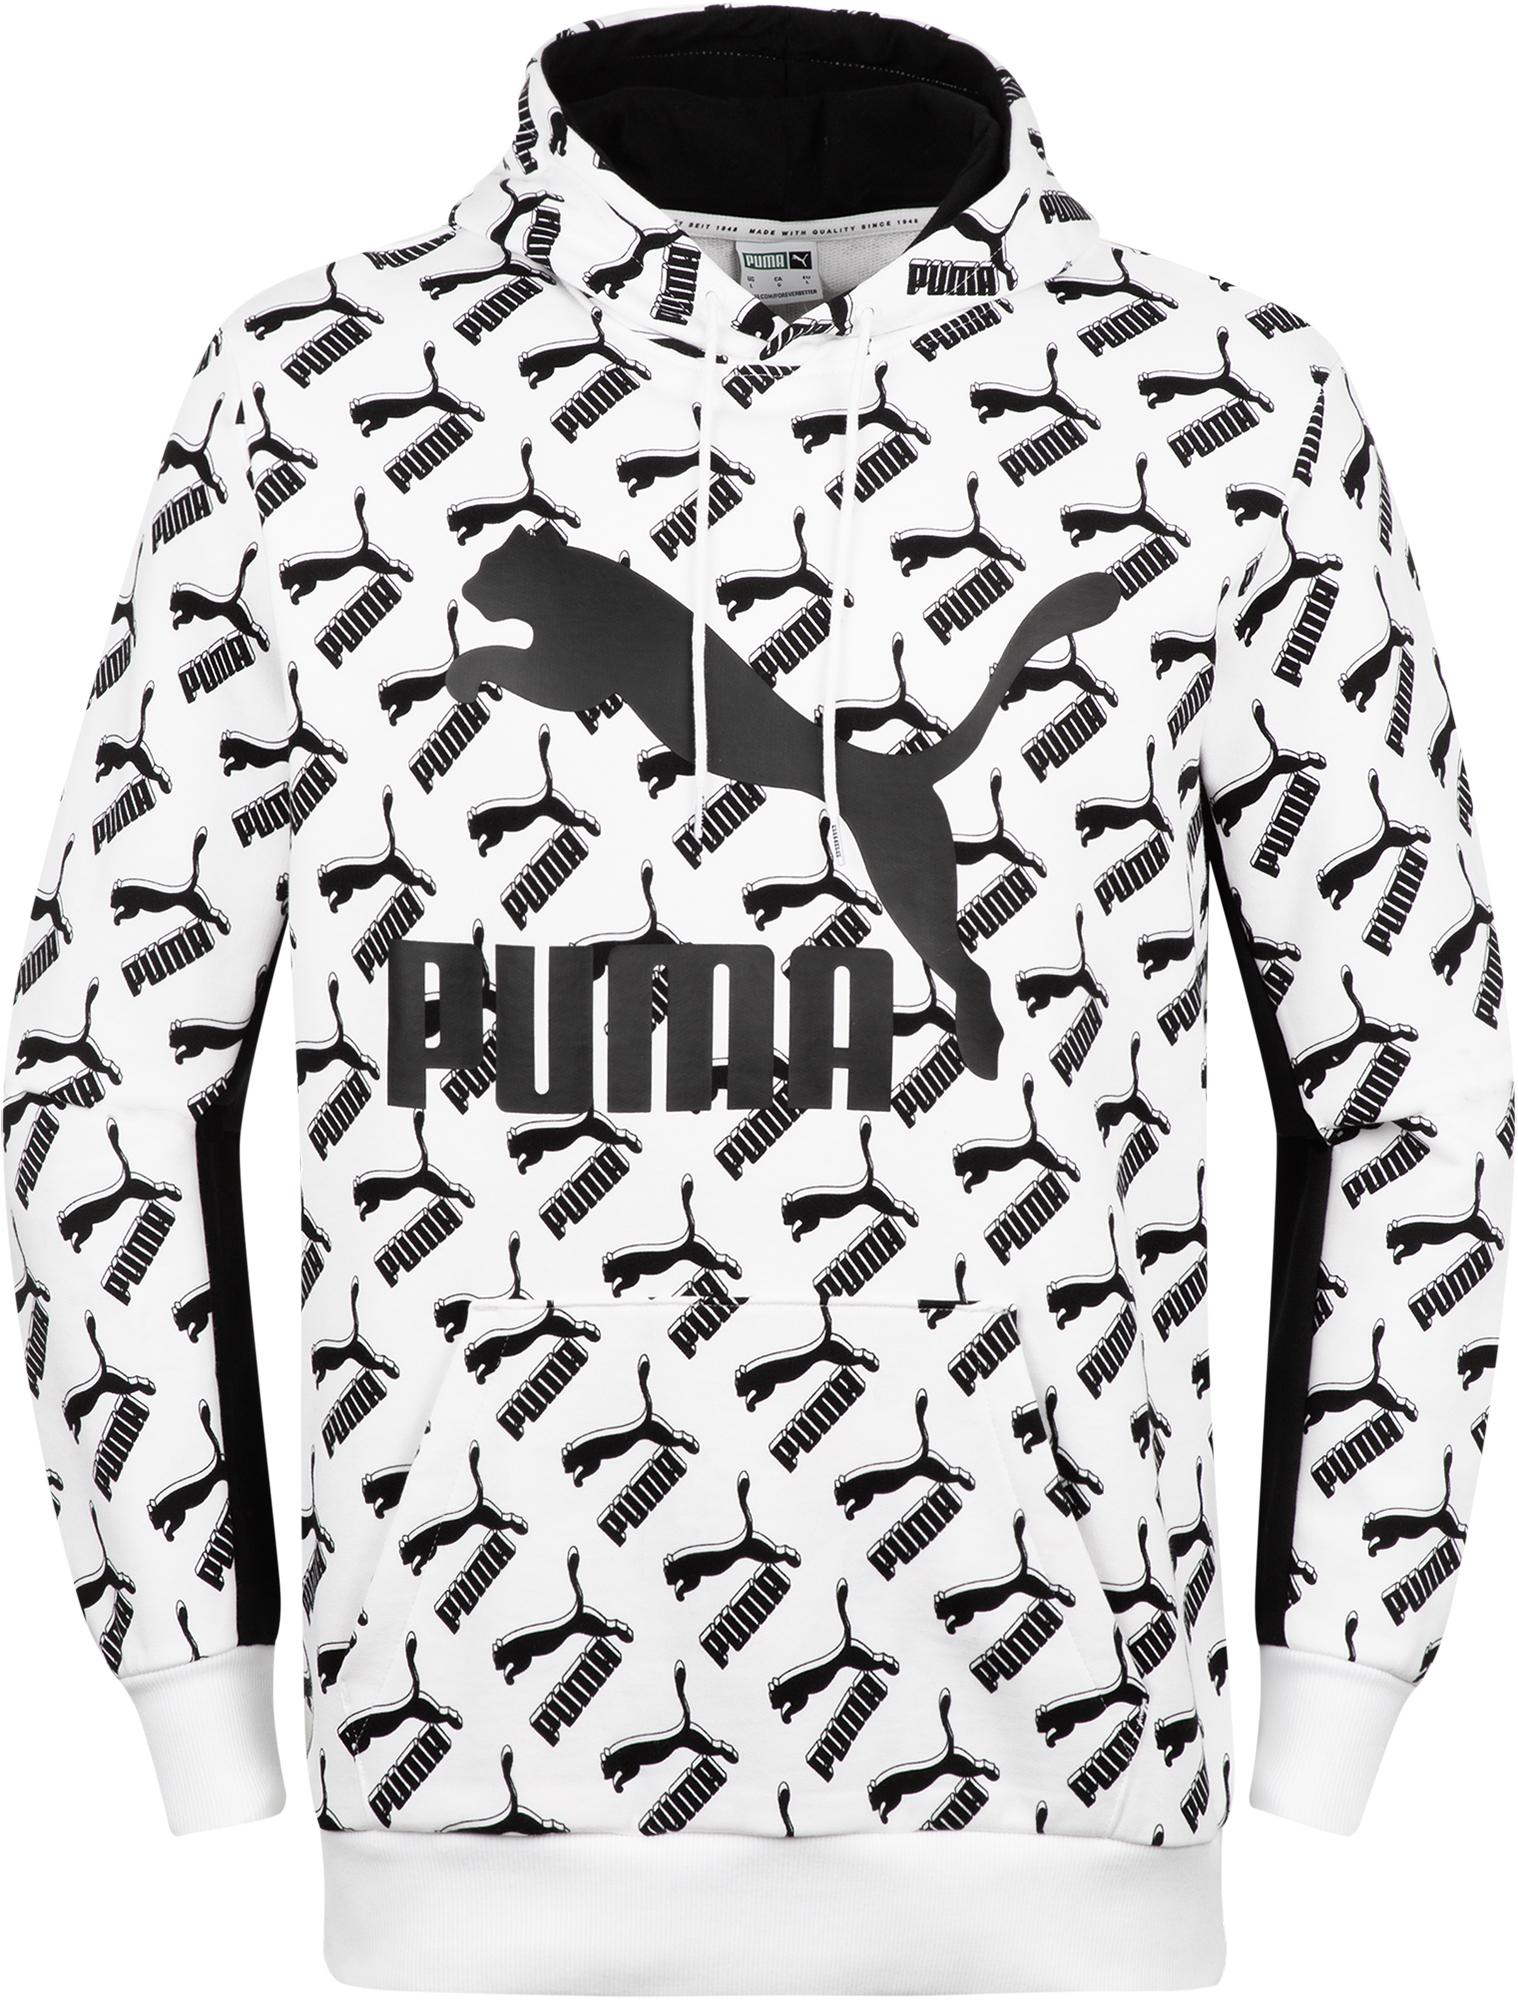 цена Puma Худи мужская Puma AOP Logo, размер 50-52 онлайн в 2017 году